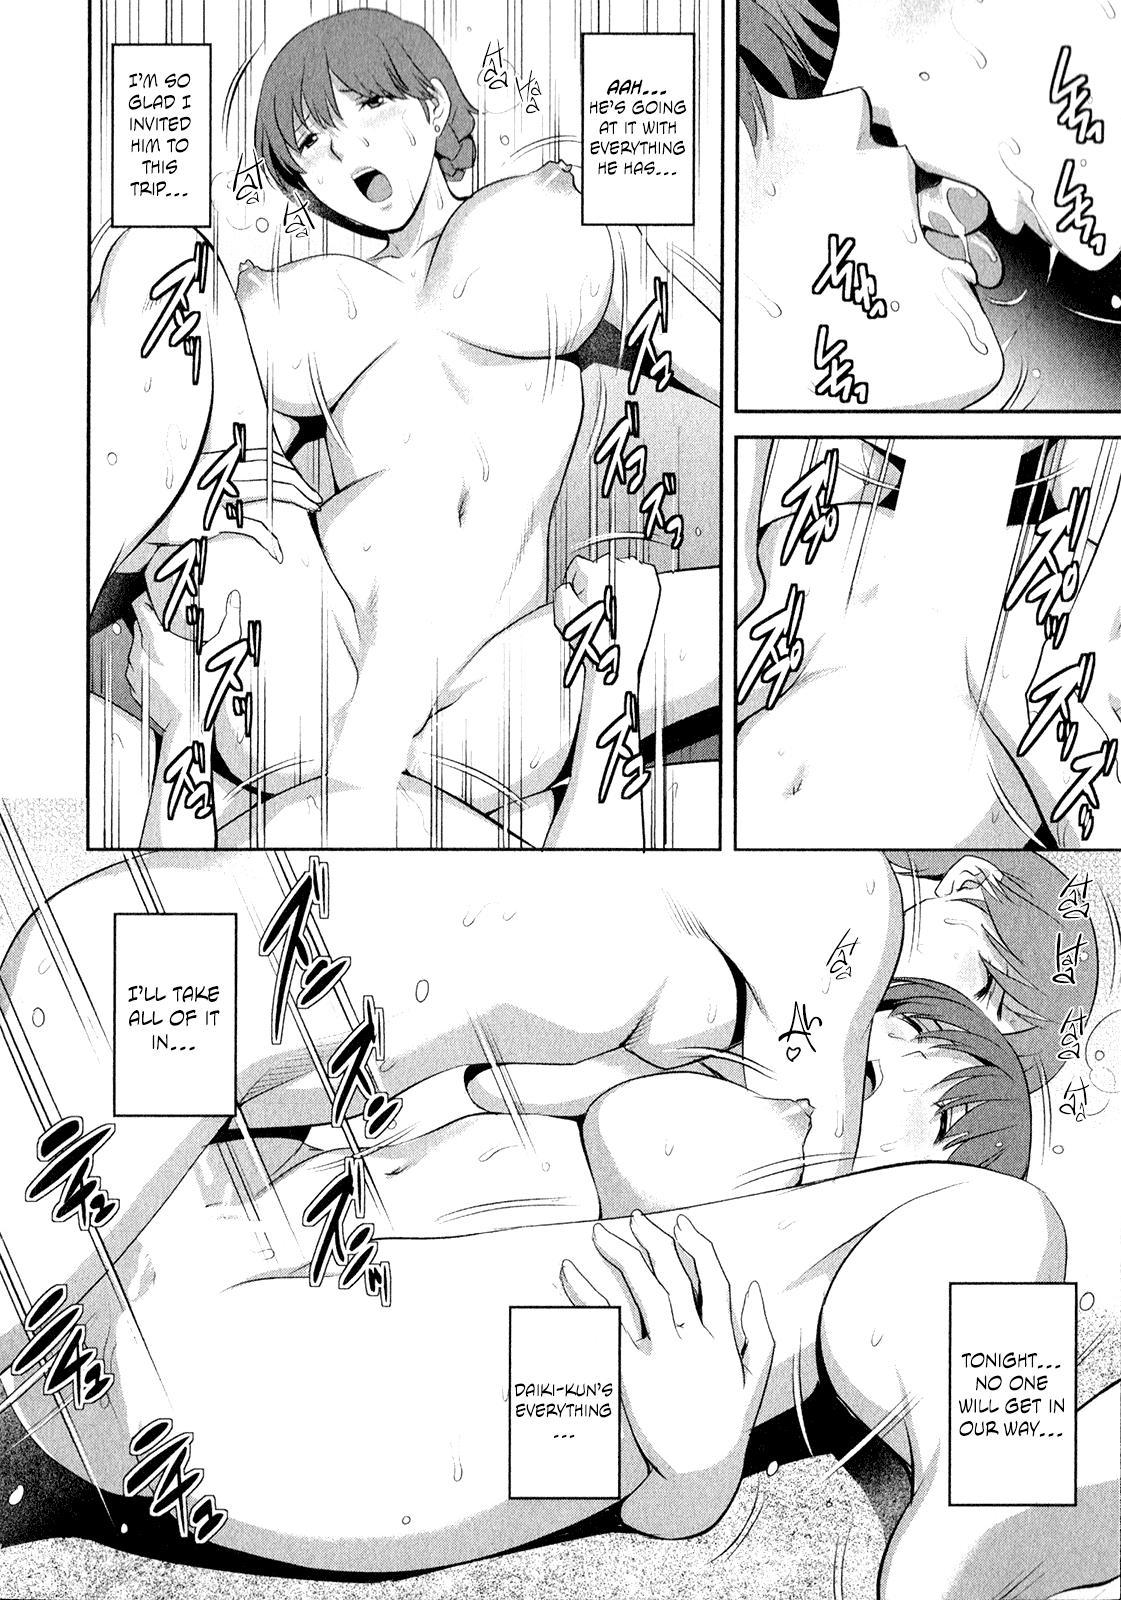 [Saigado] Hitozuma Audrey-san no Himitsu ~30-sai kara no Furyou Tsuma Kouza~ - Vol. 2 Ch. 9~12 [English] {Hennojin} 64